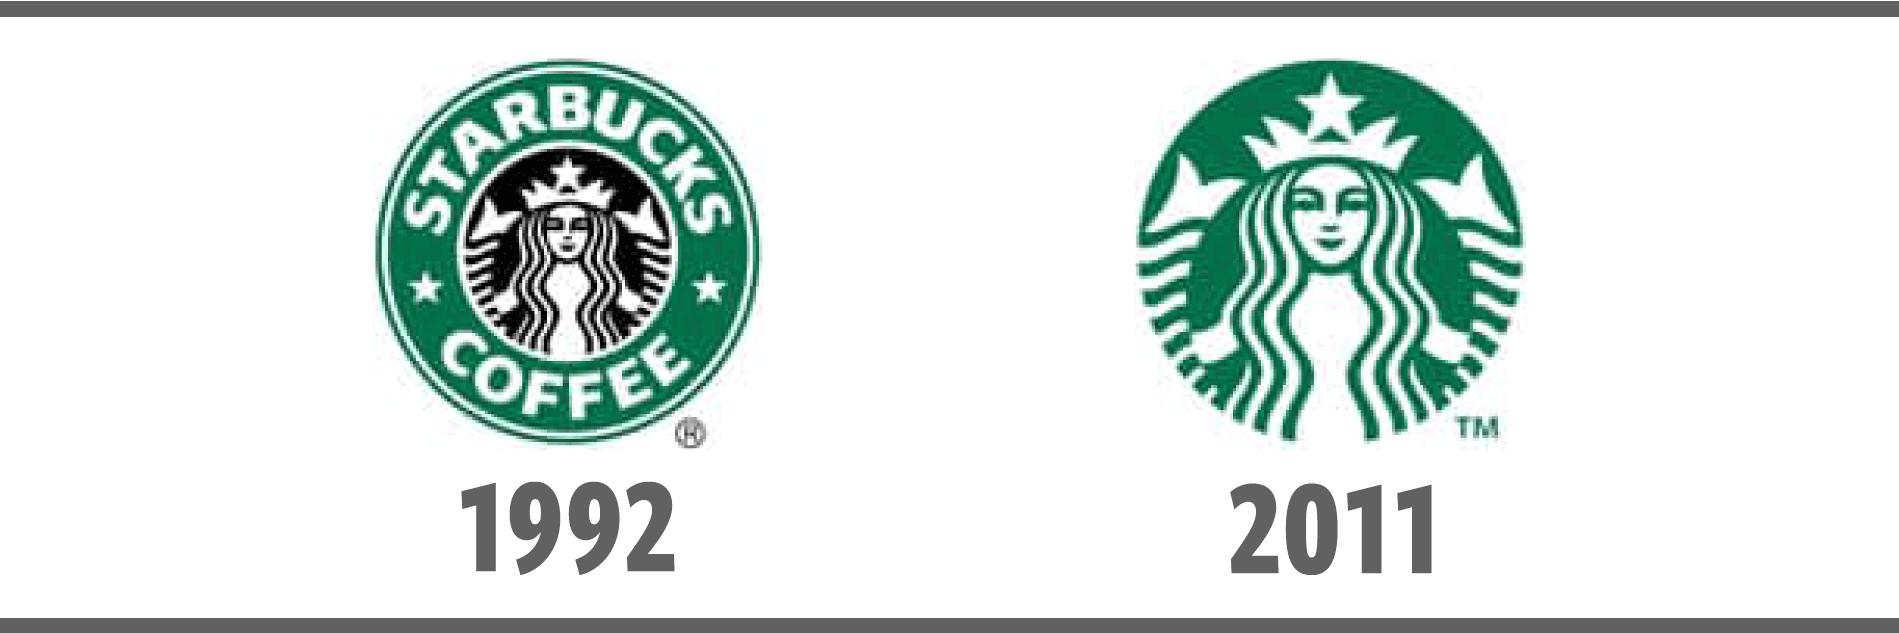 スターバックスのロゴ(1992年版と2011年版)